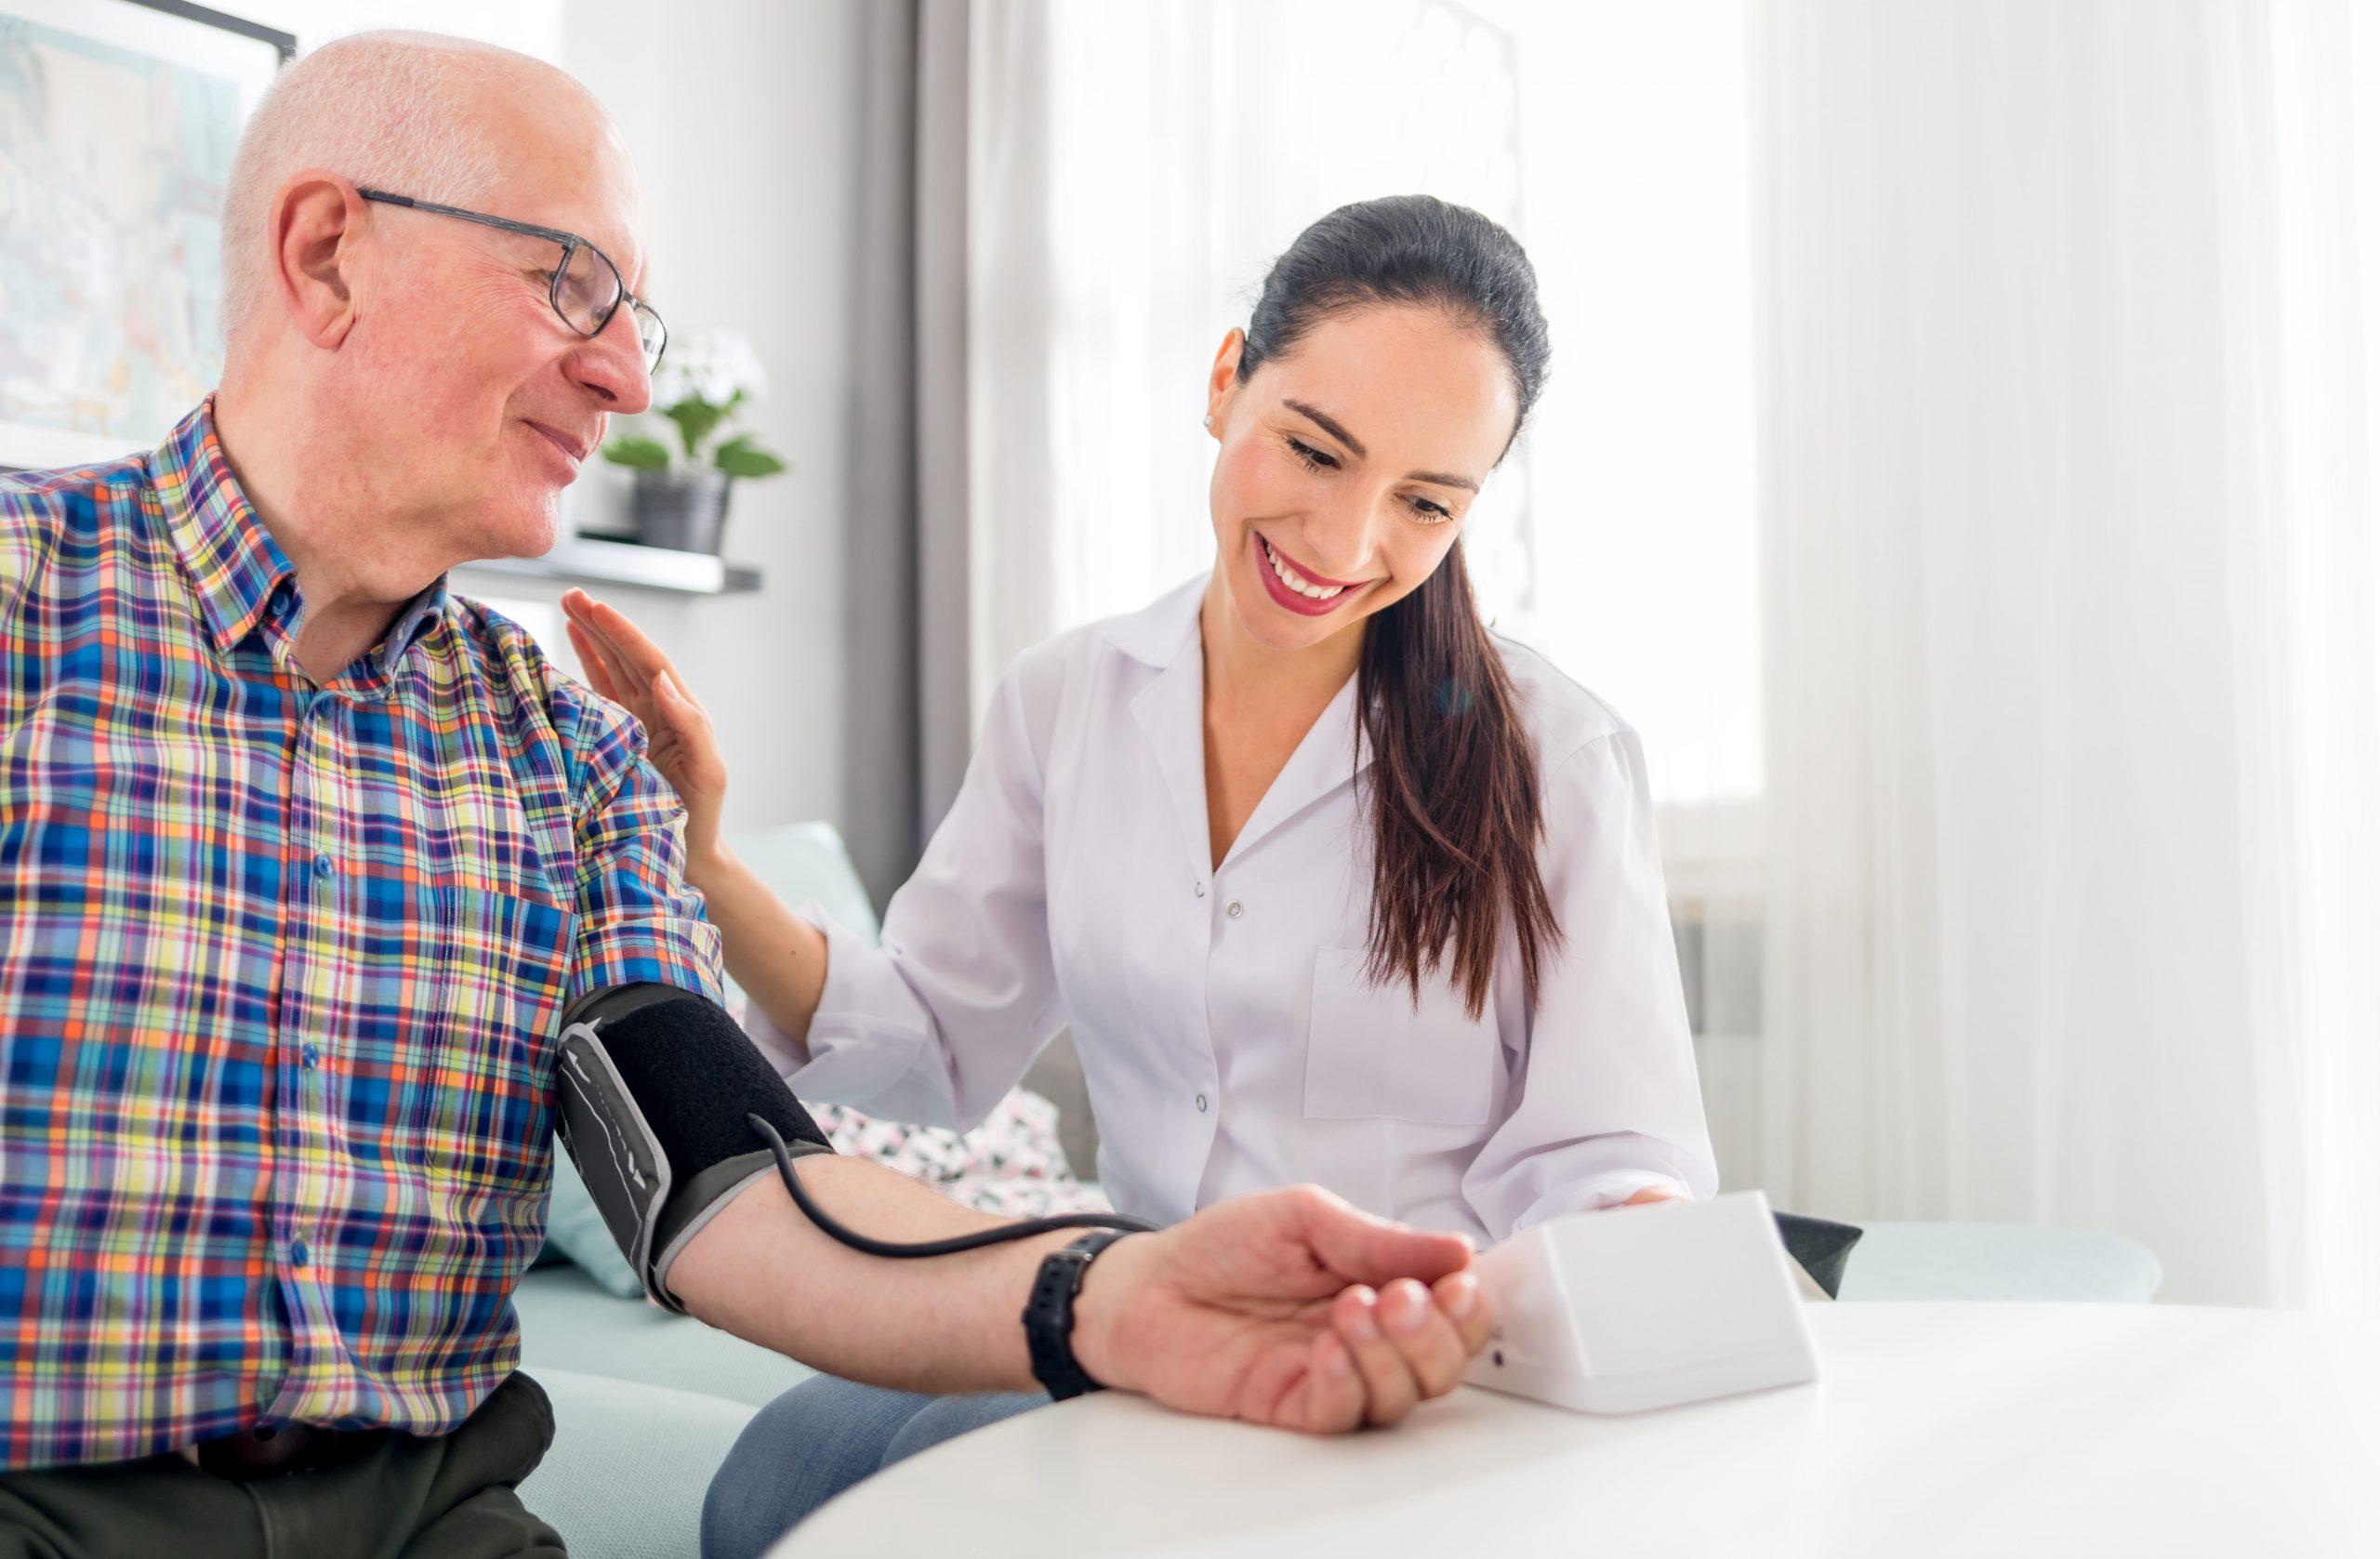 mladá doktorka kontroluje tlak staršieho pacienta